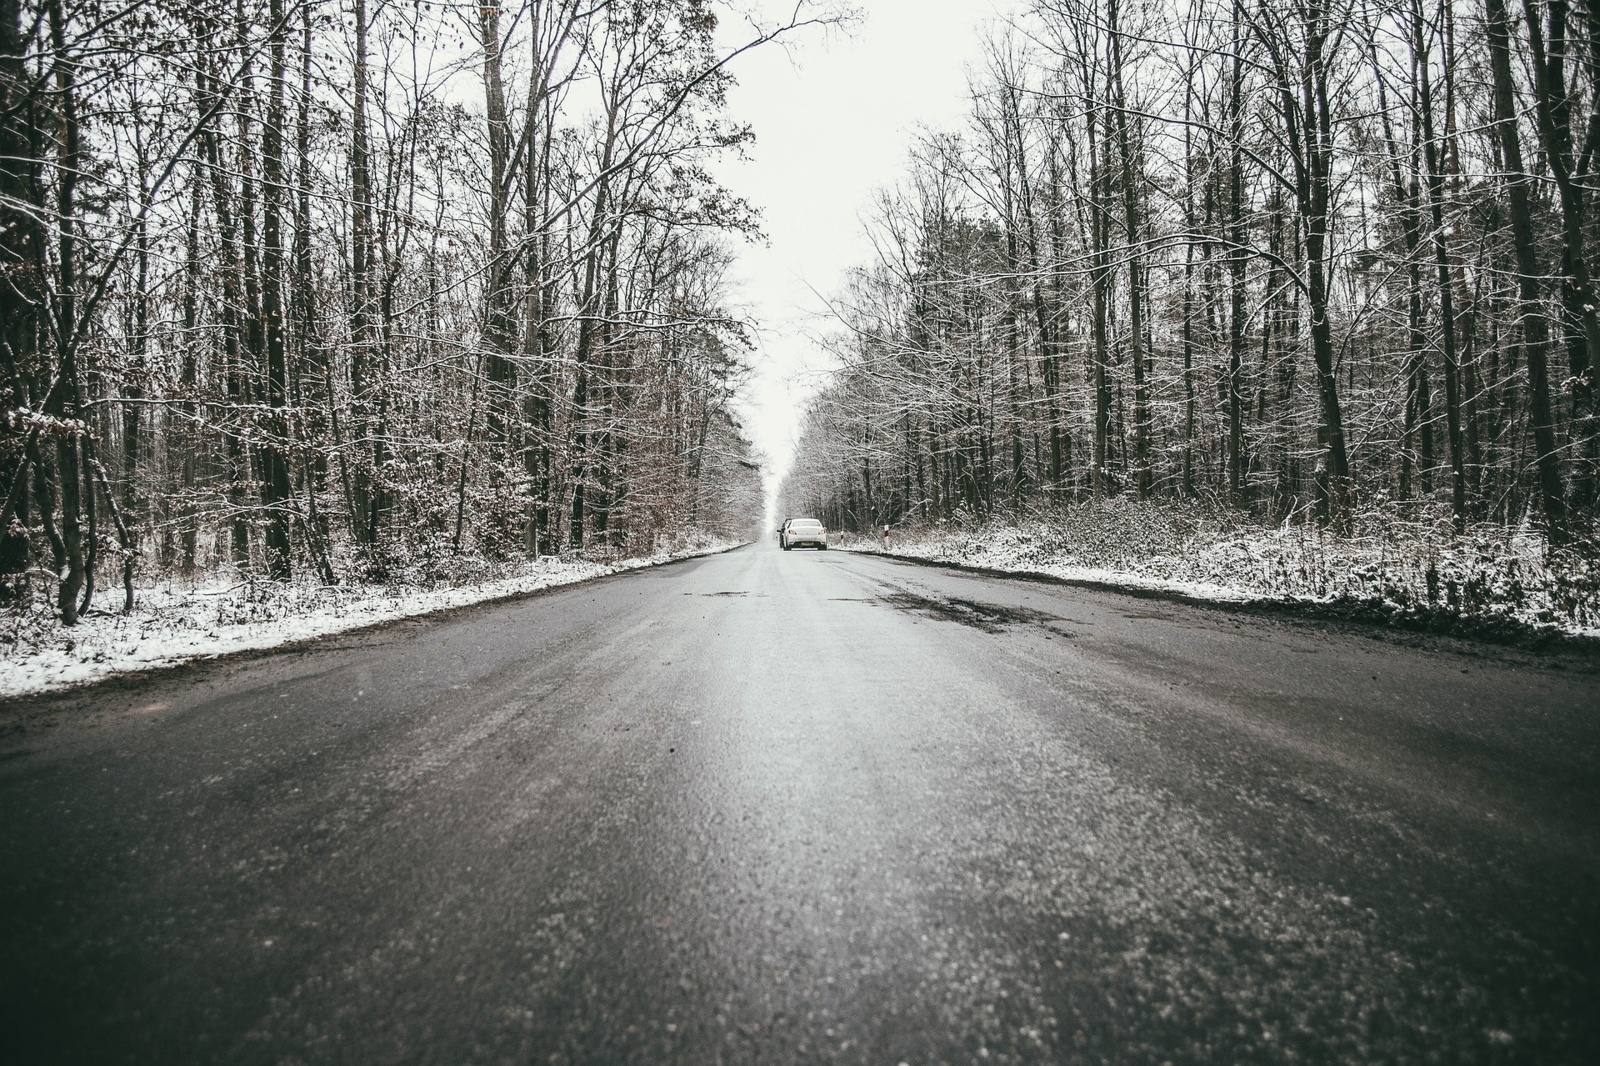 Žiemiškus kelius prisimenant: naktį eismo sąlygas sunkins plikledis